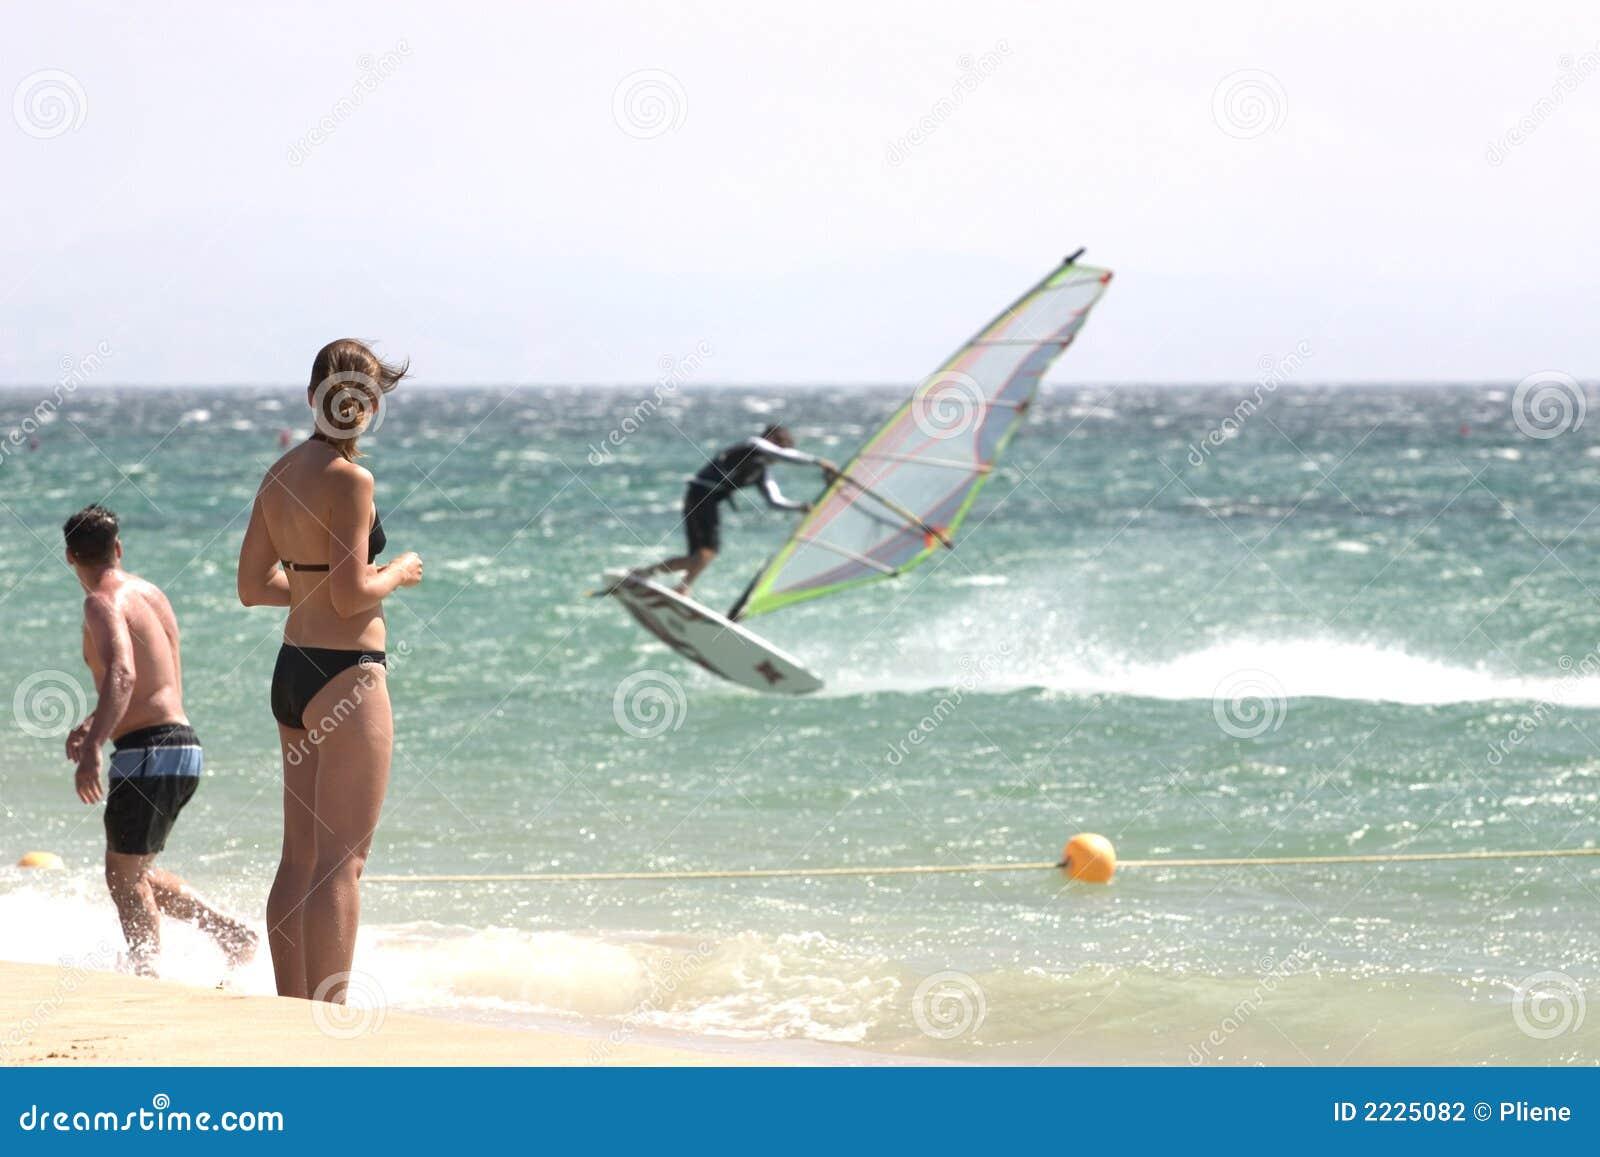 1 windsurf